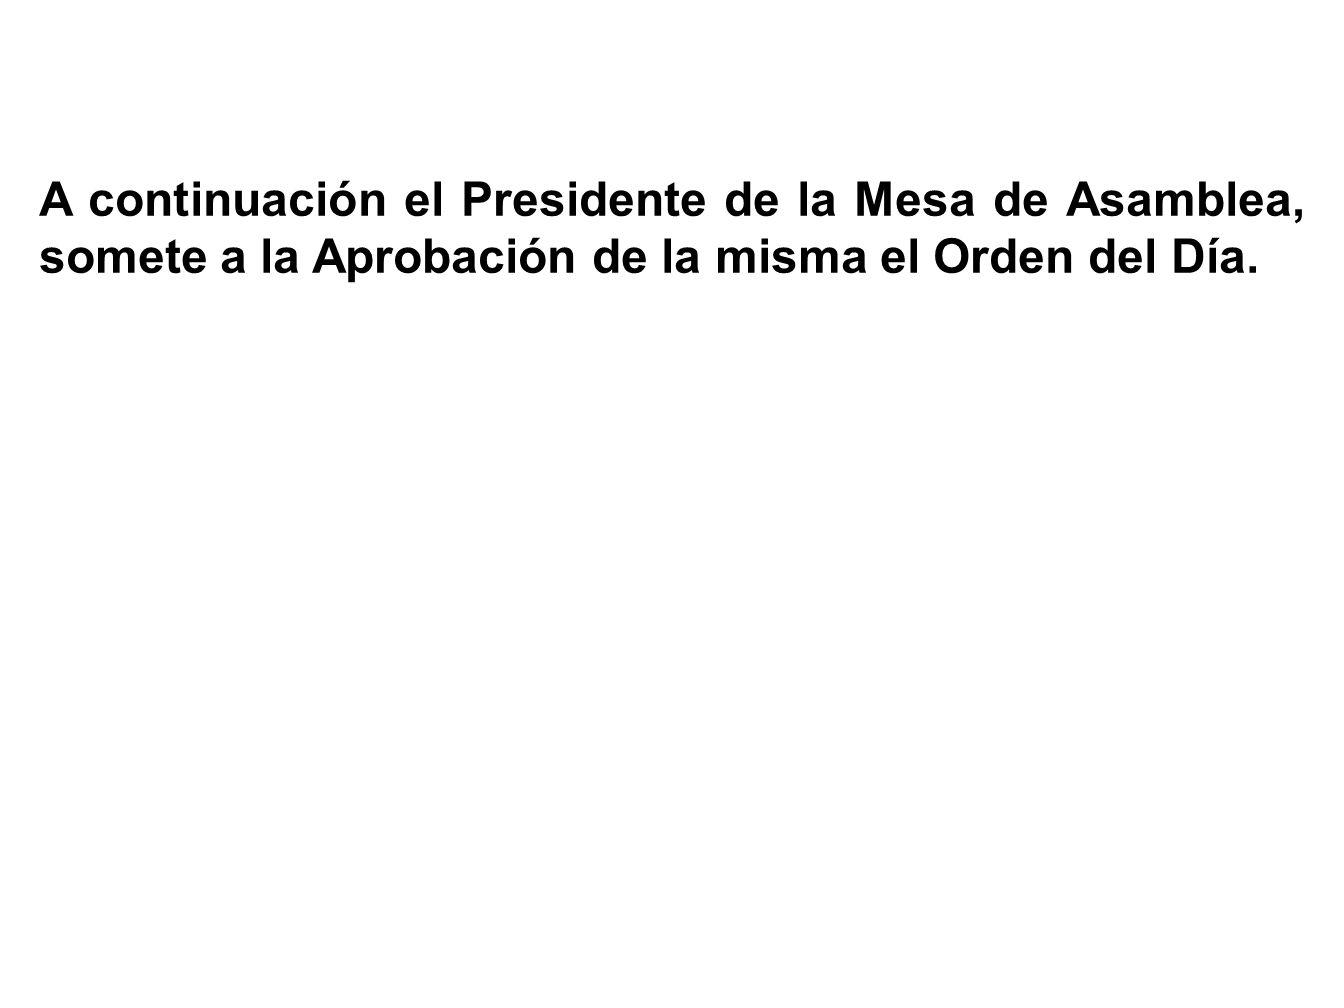 A continuación el Presidente de la Mesa de Asamblea, somete a la Aprobación de la misma el Orden del Día.